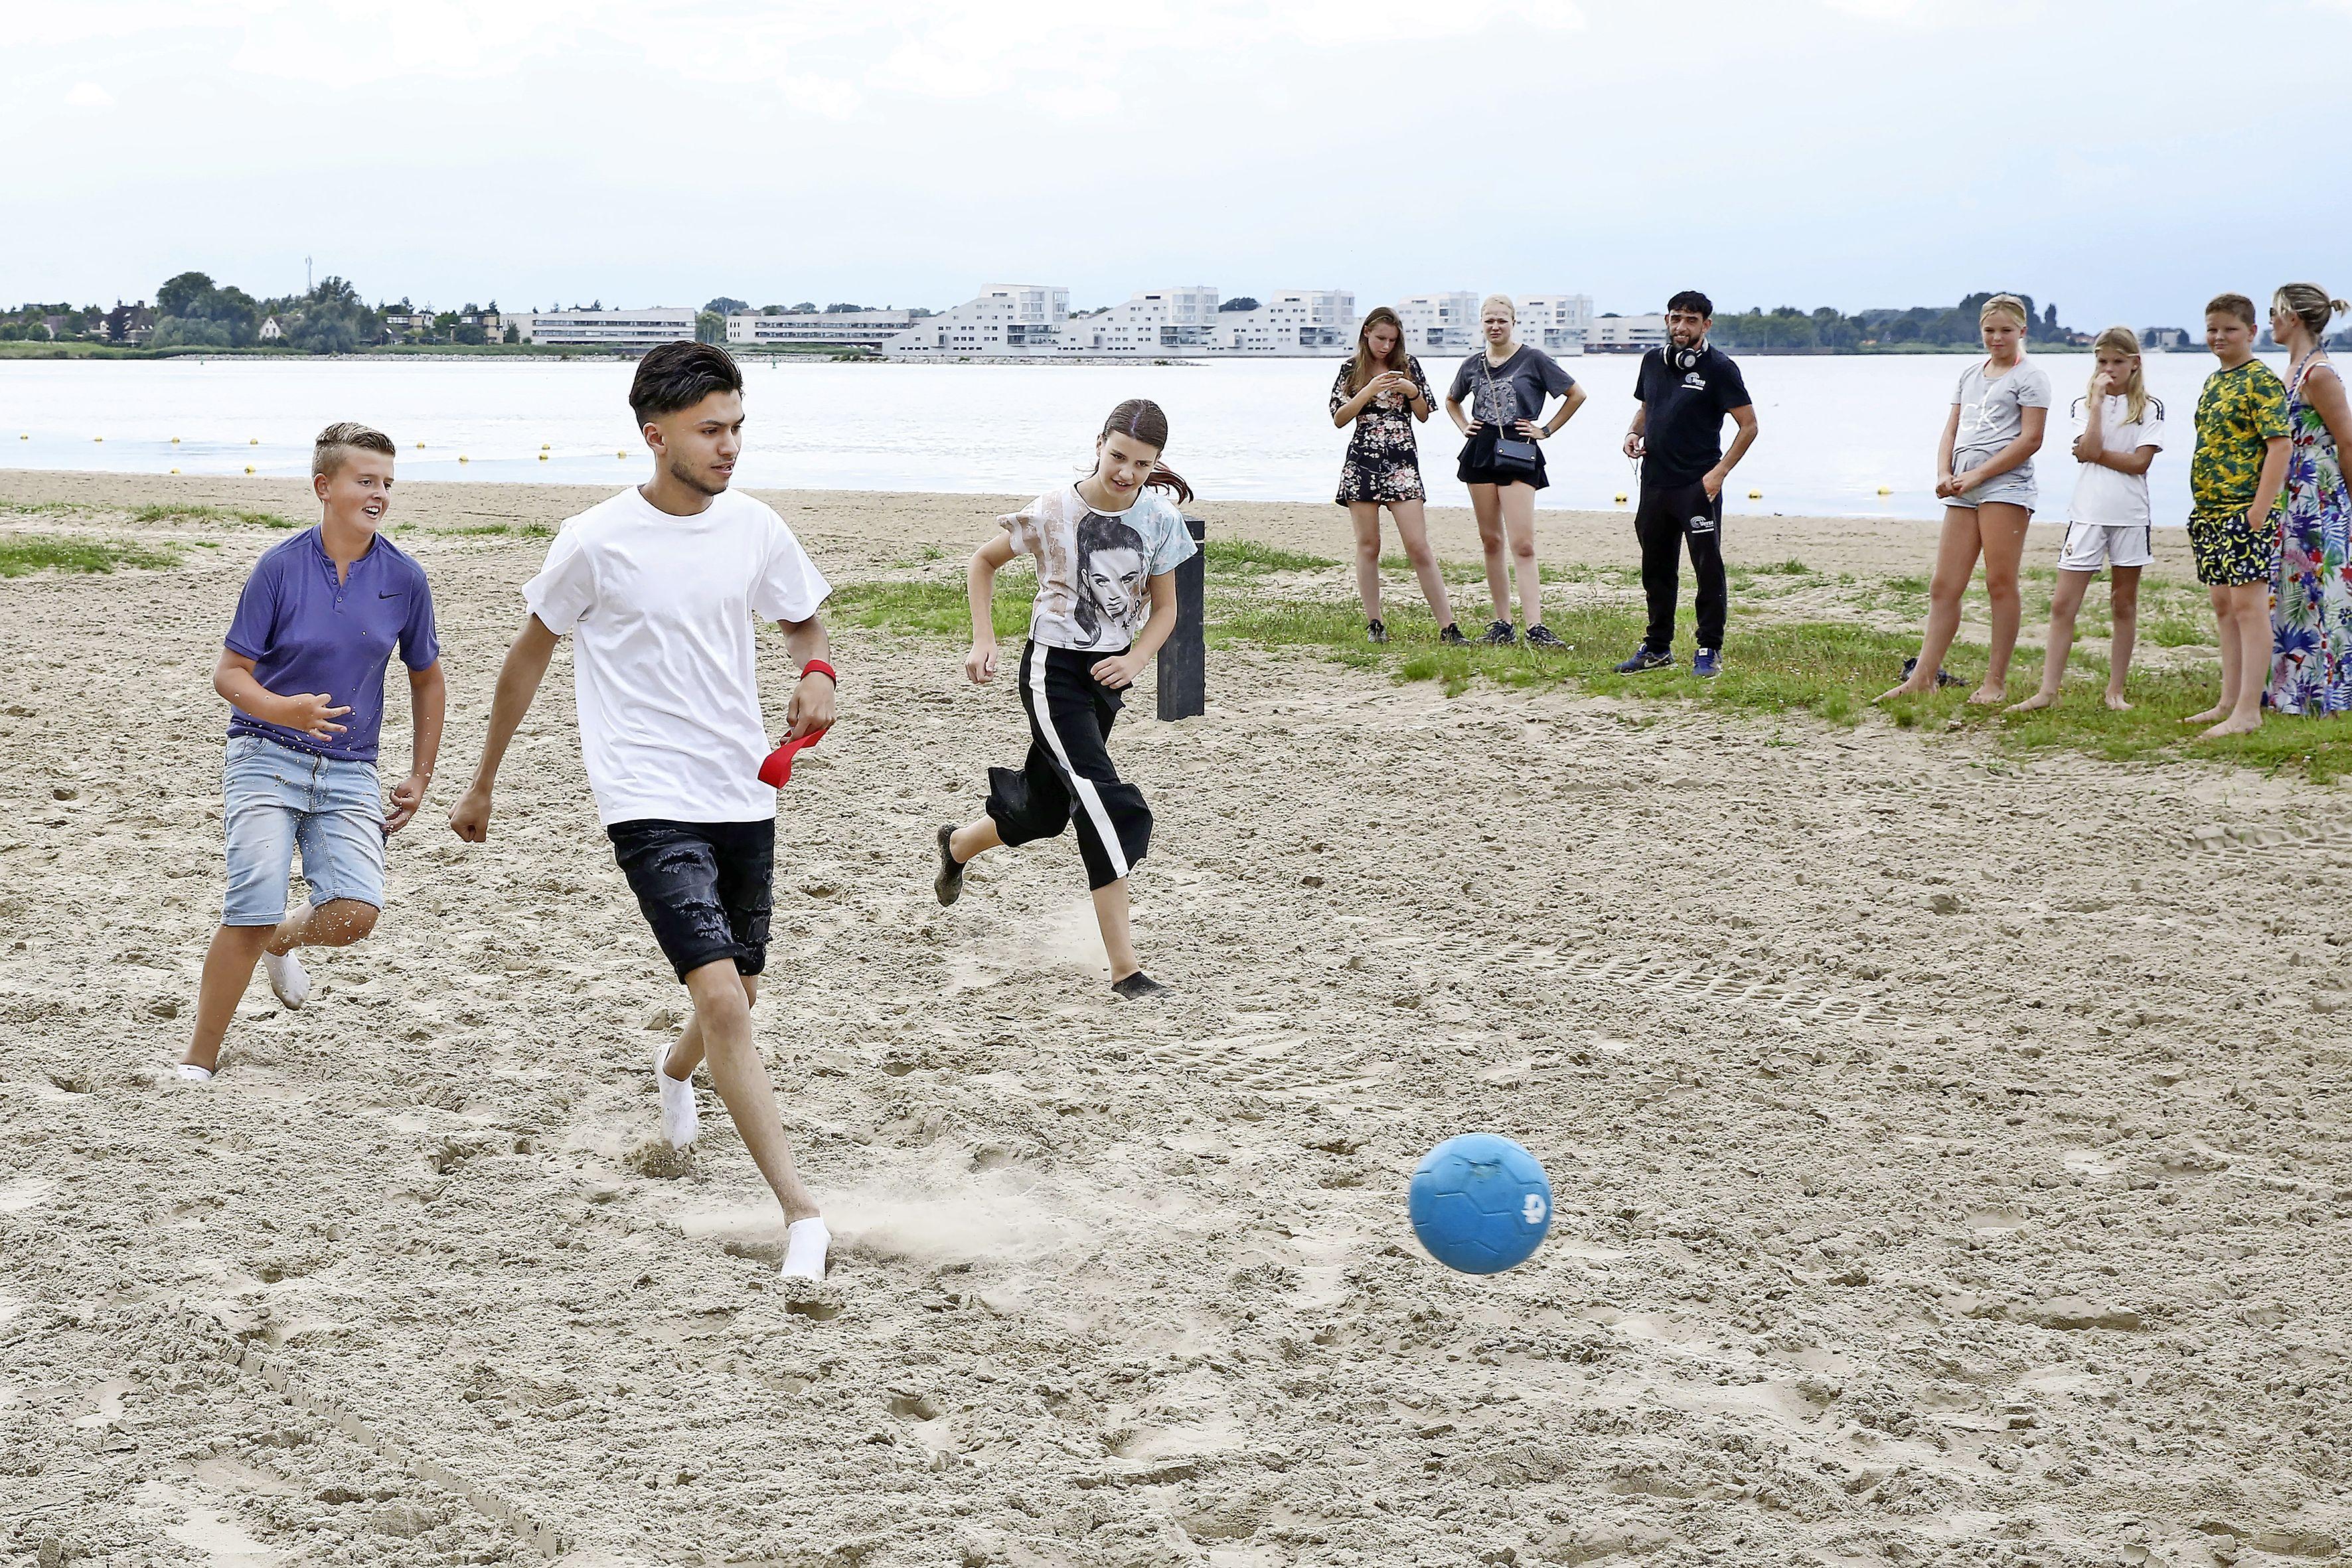 Jeugd voetbalt op het Stichtse Strandje van Blaricum. 'Super leuk initiatief'